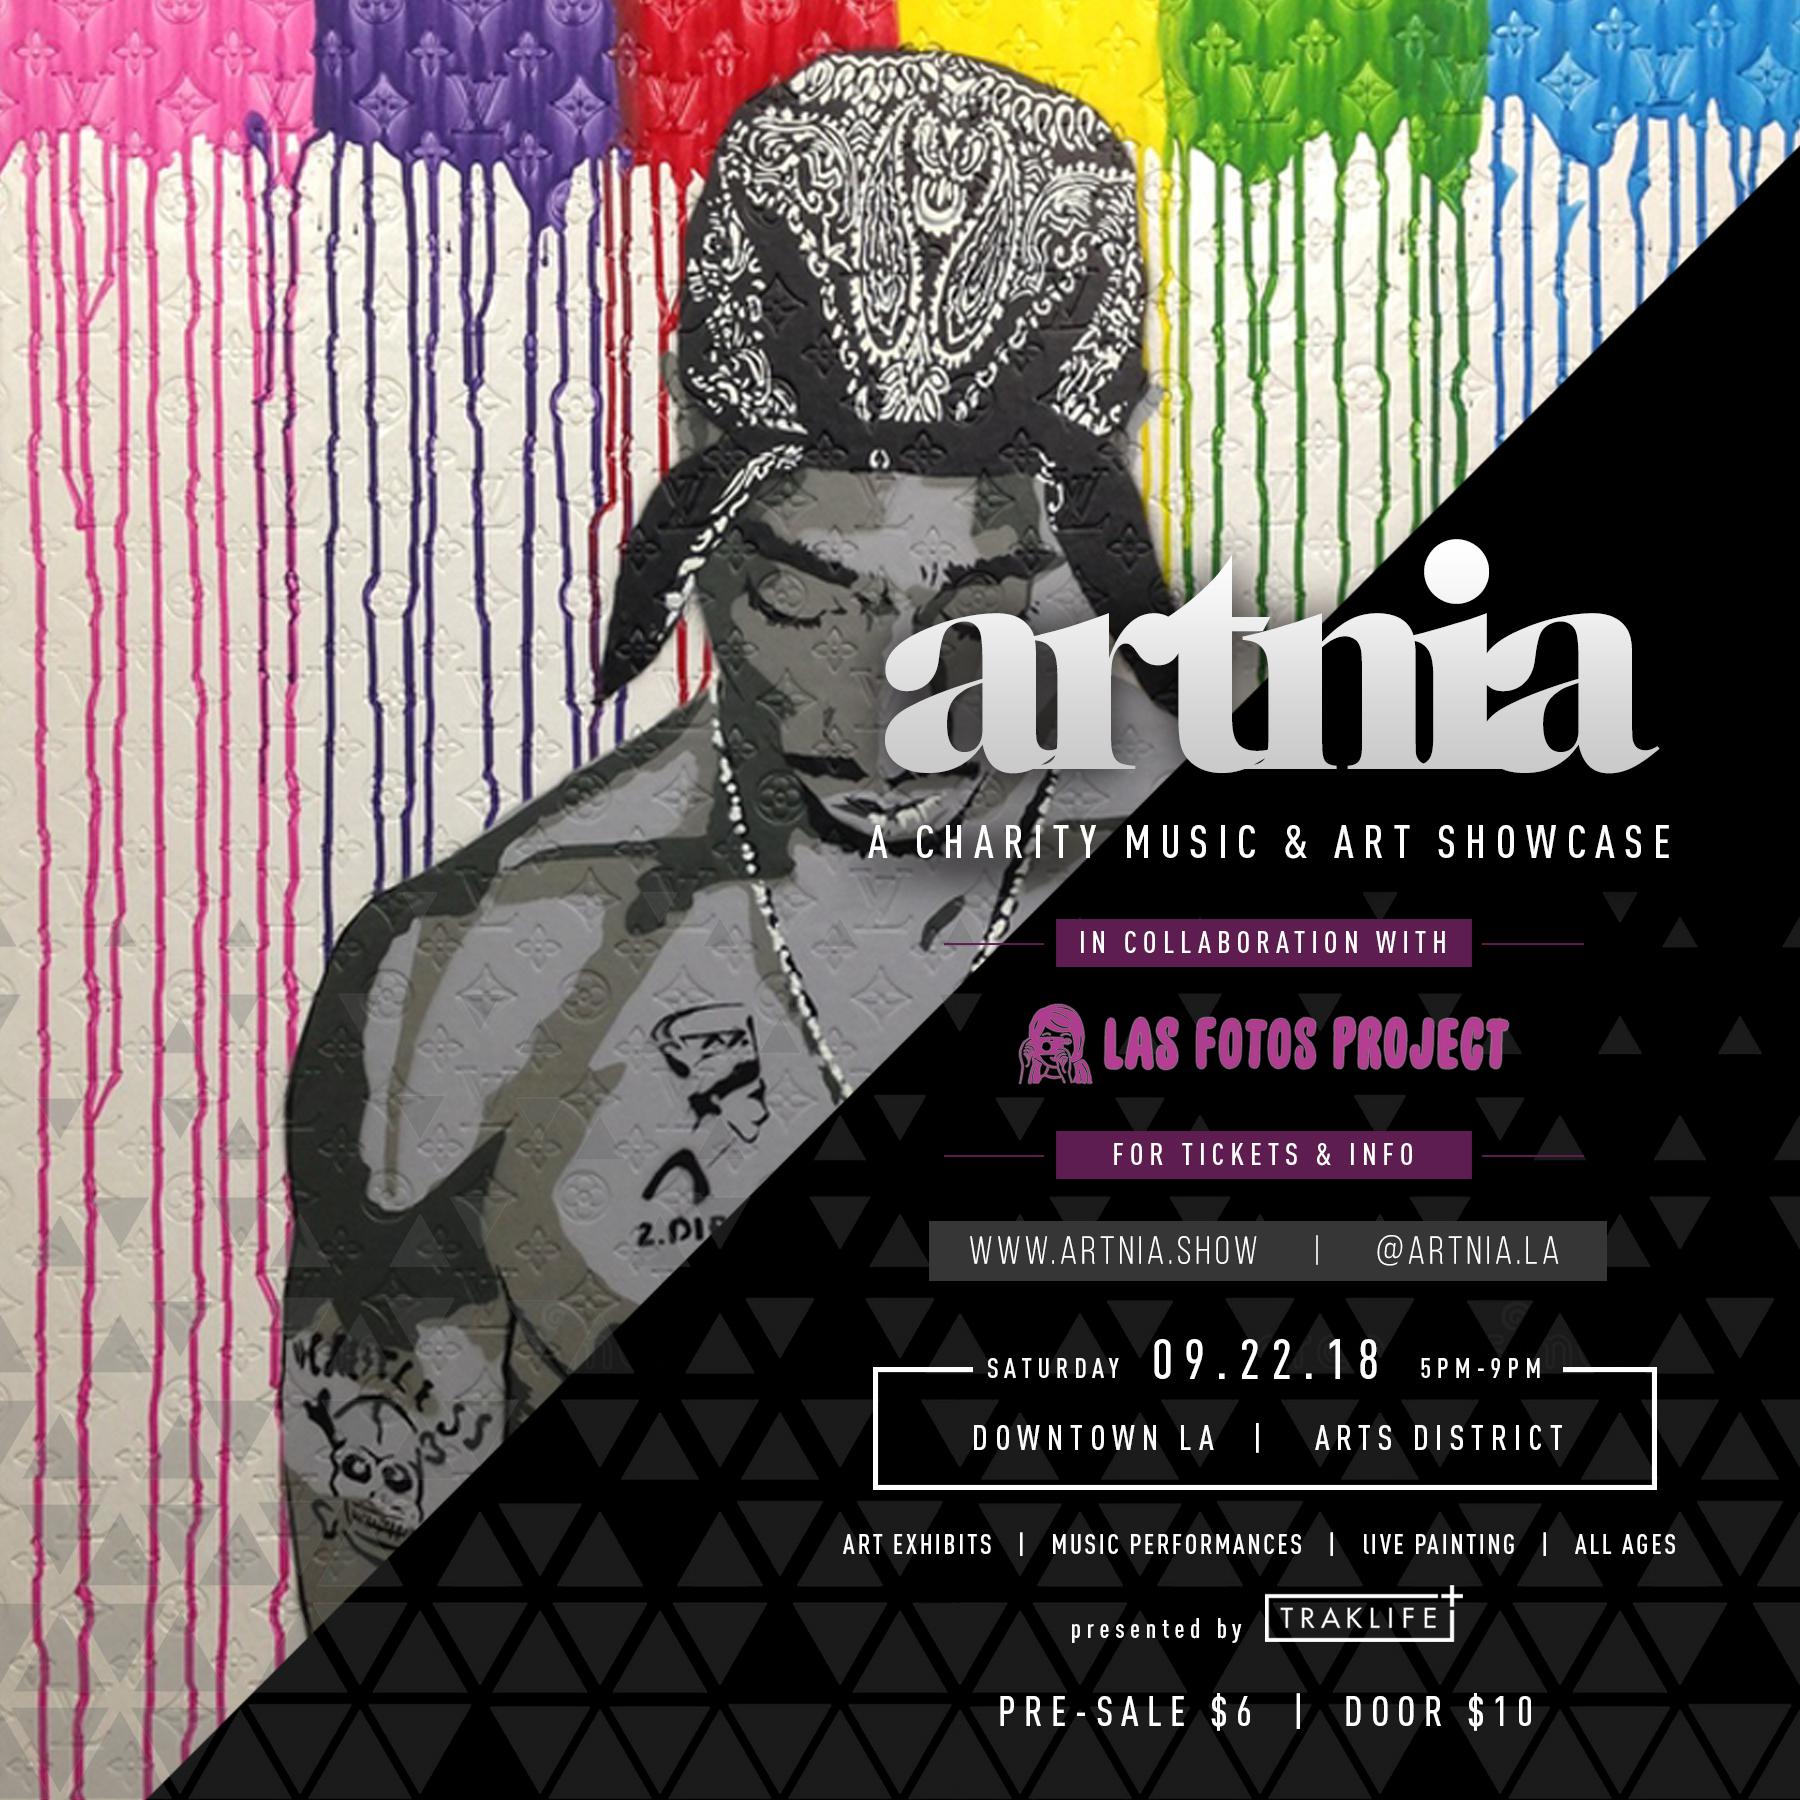 ARTNIA: A Charity Music & Art Showcase